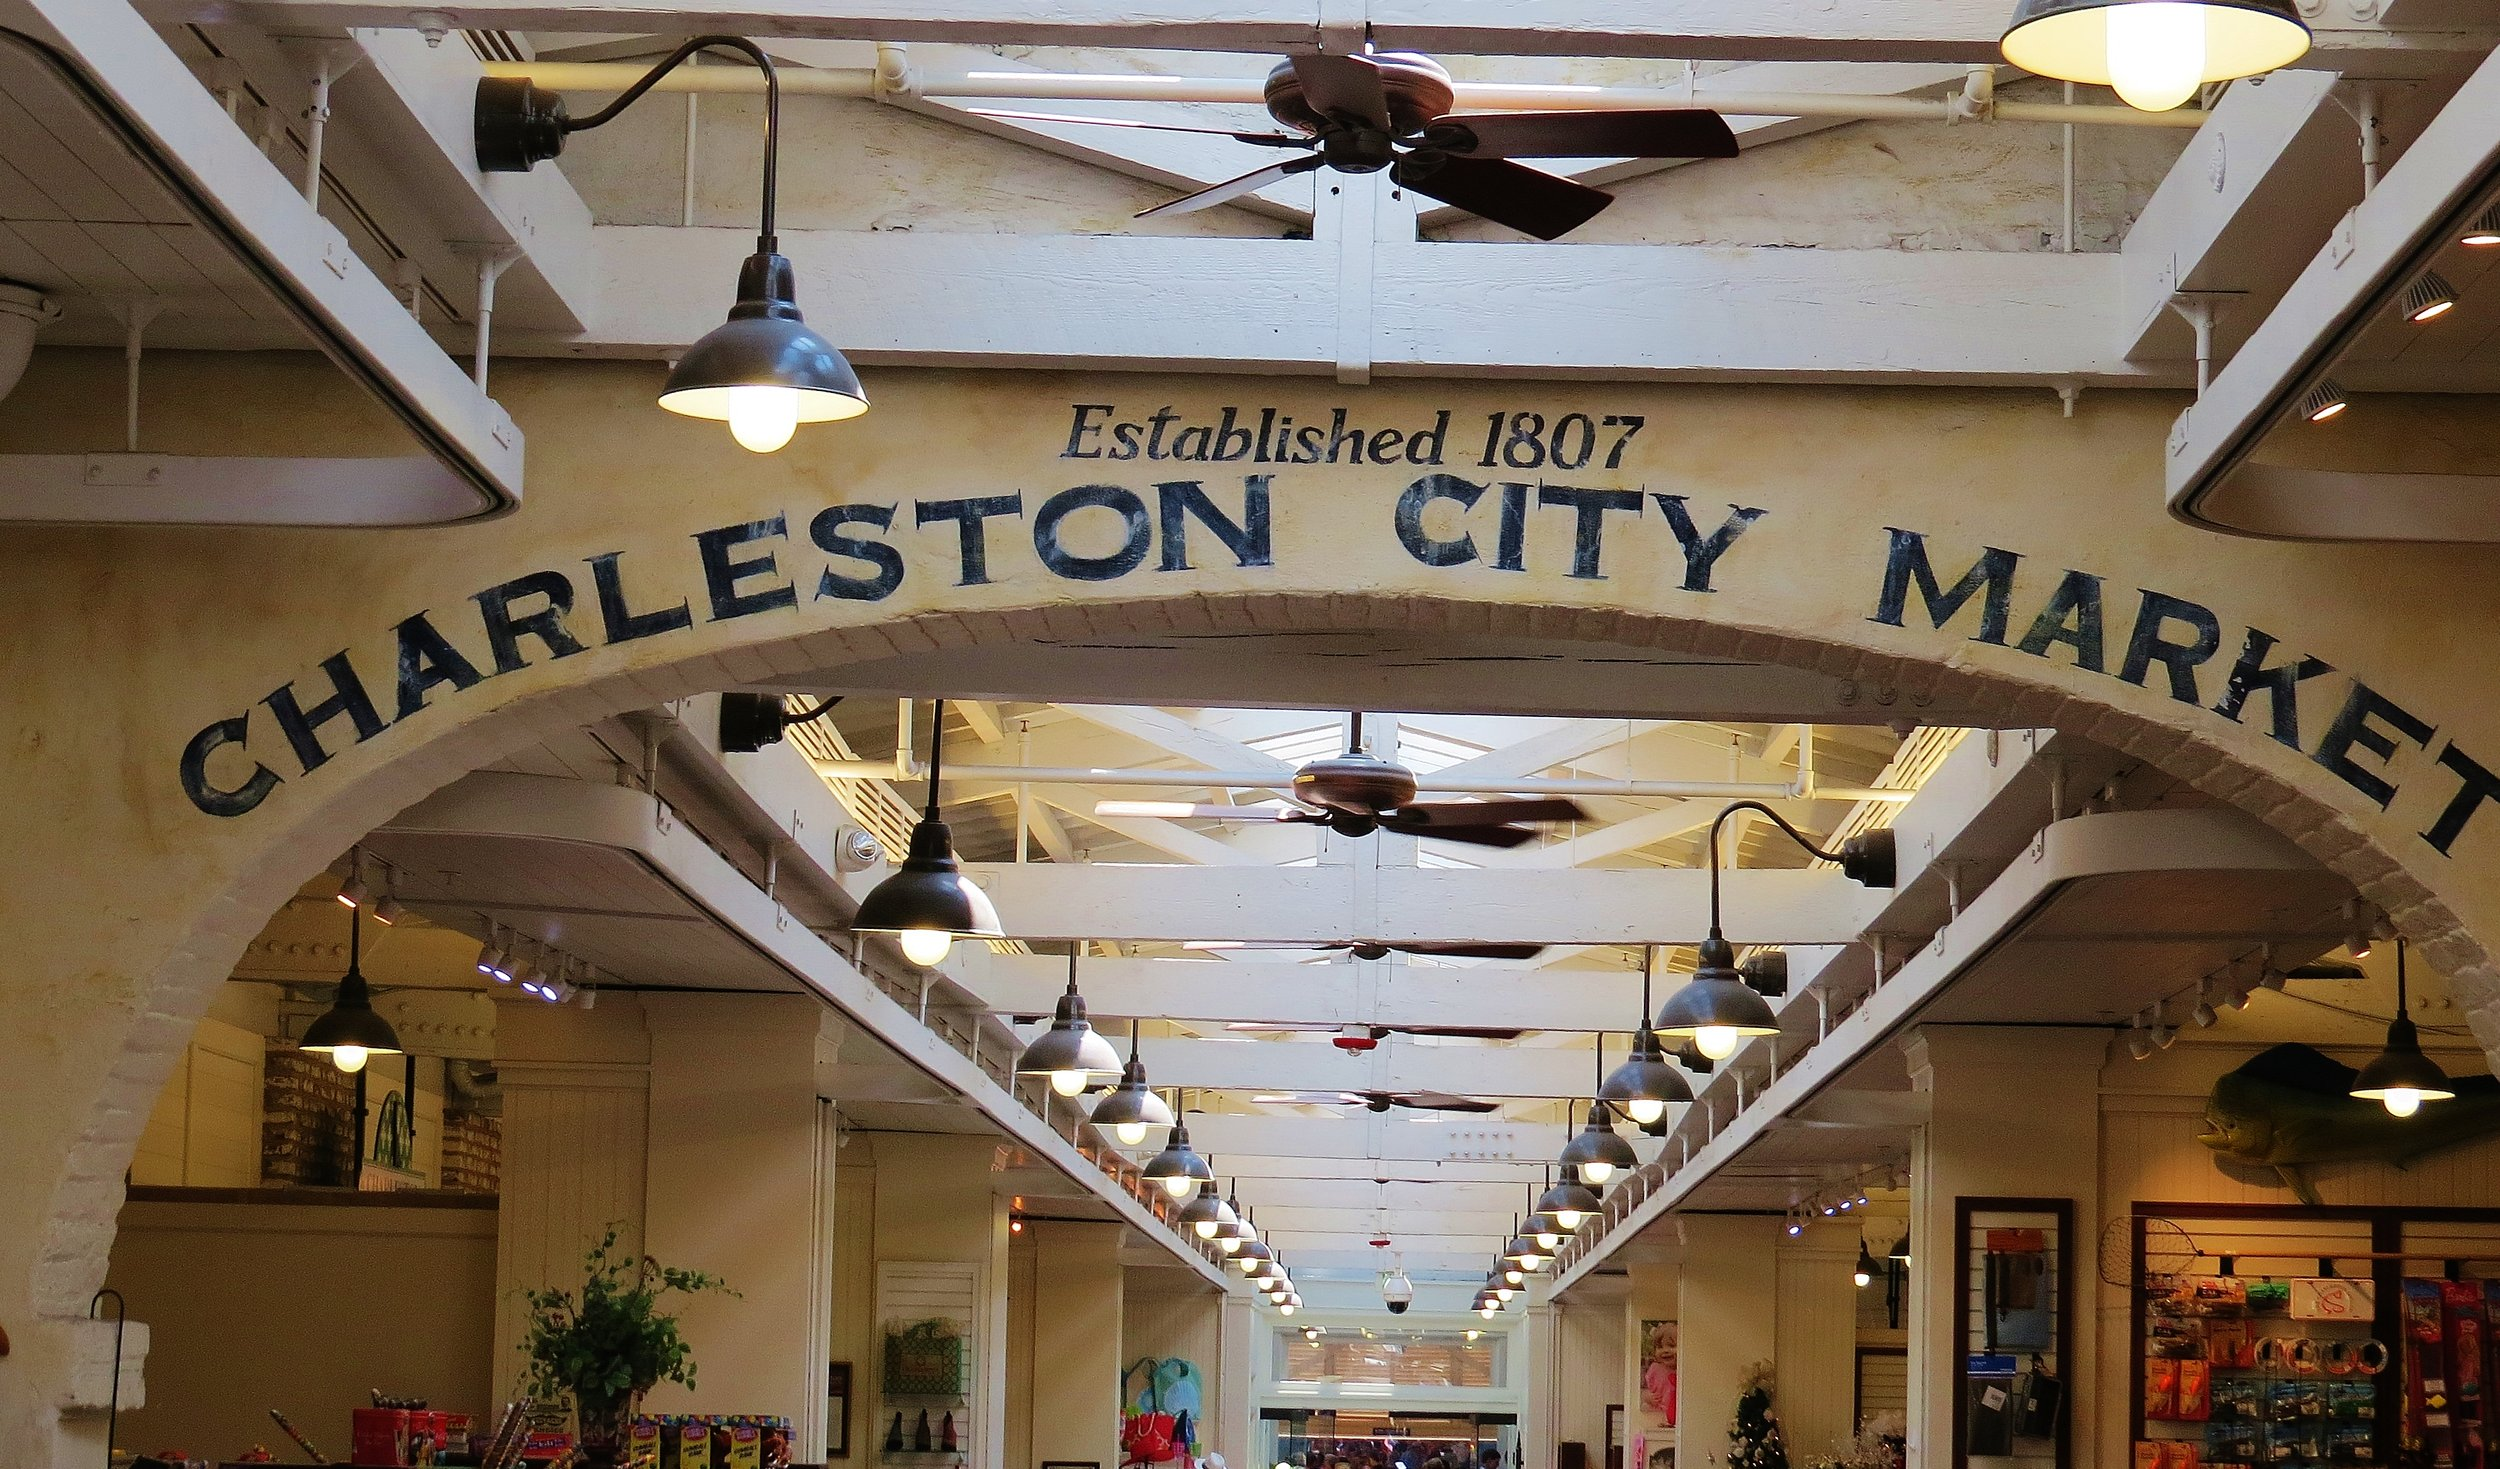 charlestoncity market -